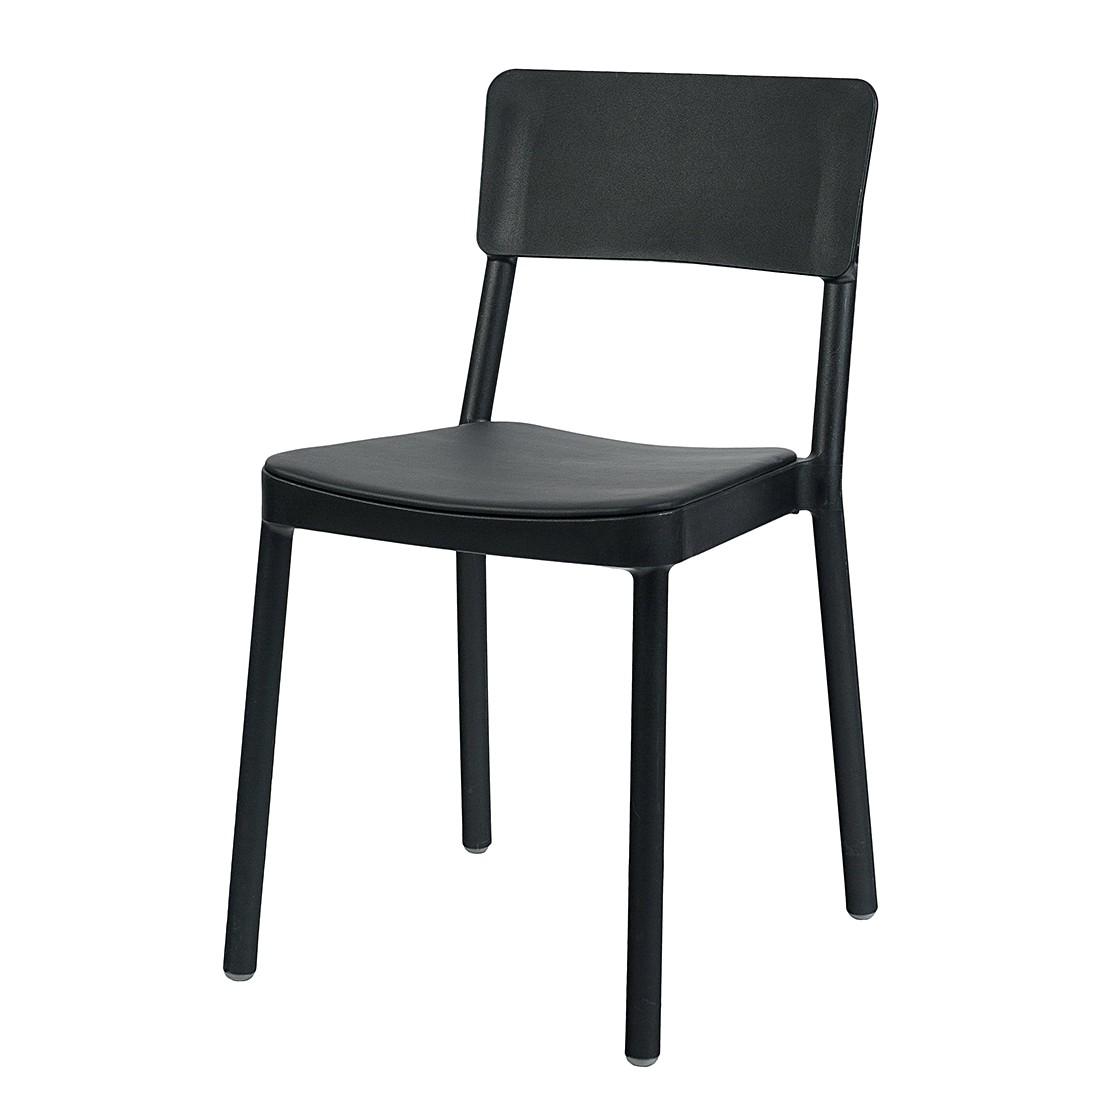 schwarze st hle speisen m belideen. Black Bedroom Furniture Sets. Home Design Ideas